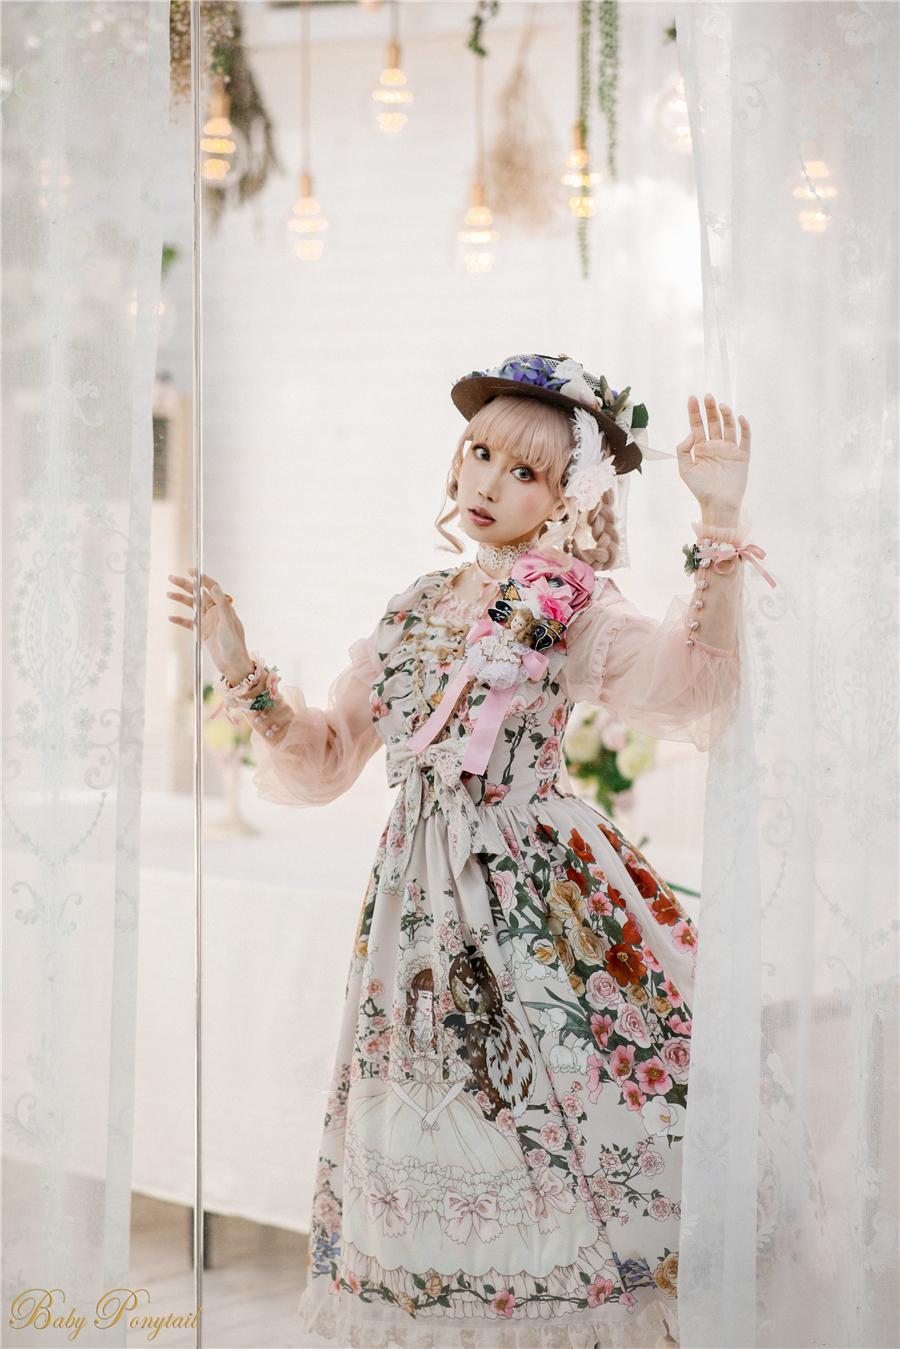 Baby Ponytail_Model Photo_Polly's Garden of Dreams_JSK Ivory_Kaka13.jpg